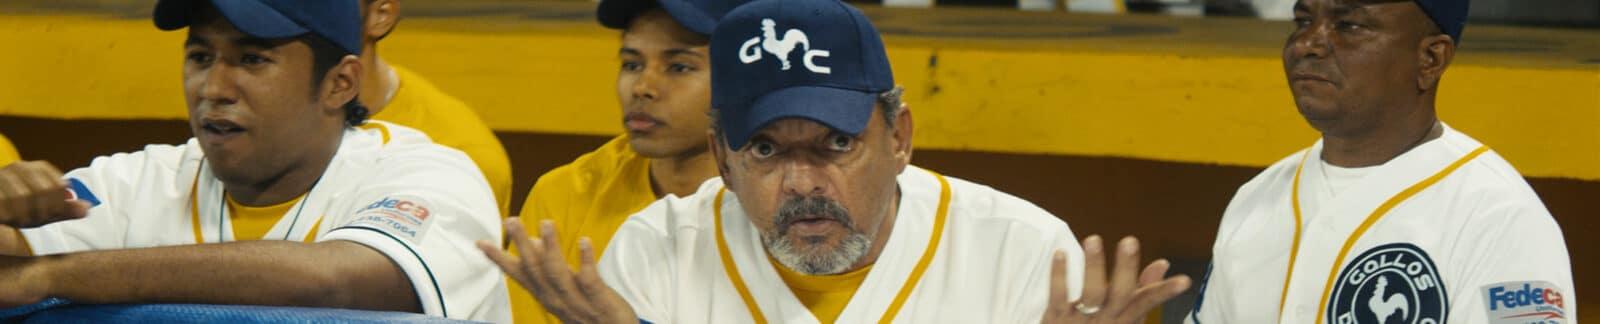 Ponchao baseball movie header